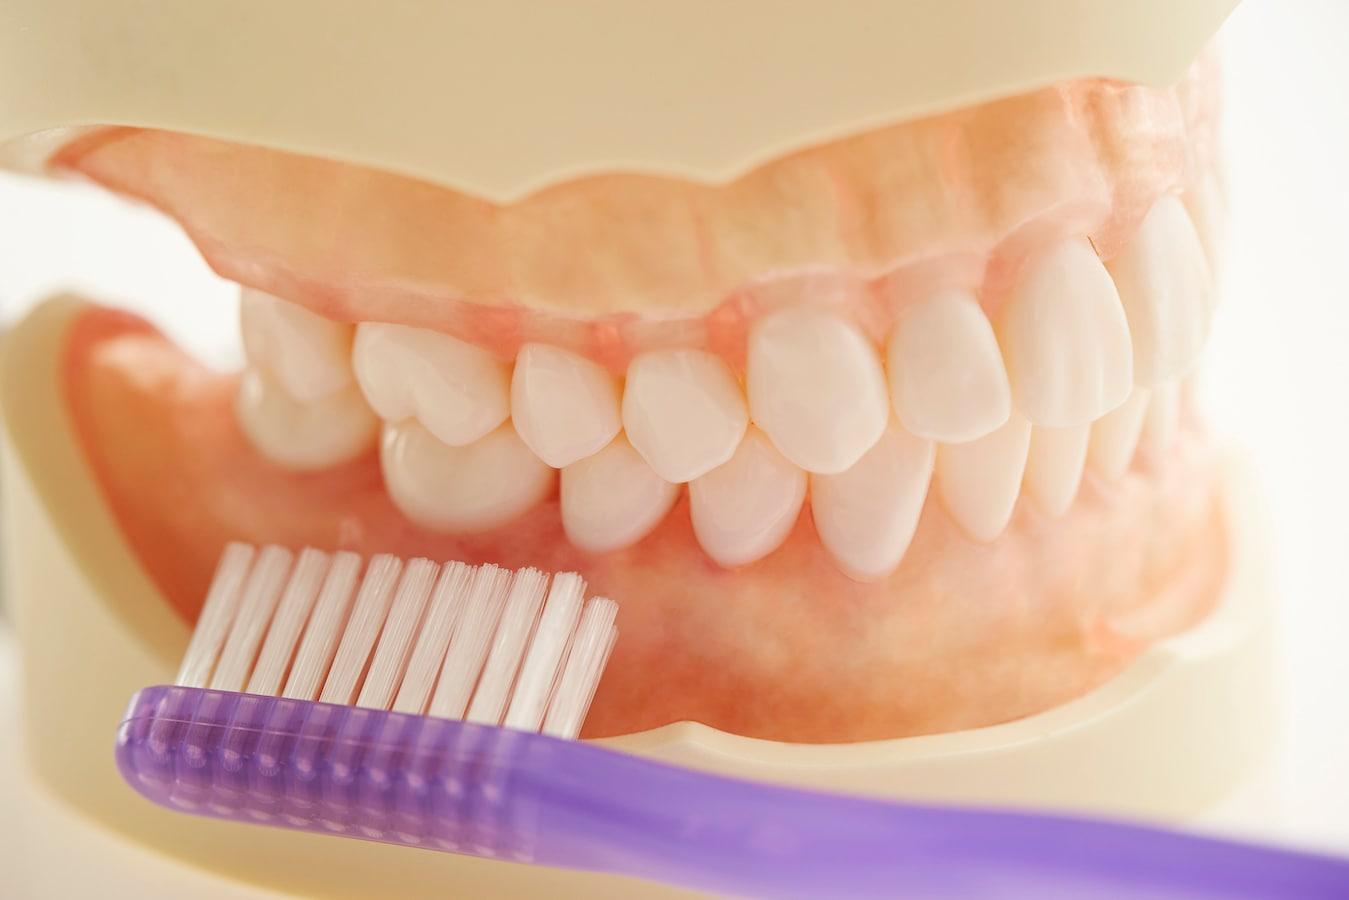 口内炎 歯茎